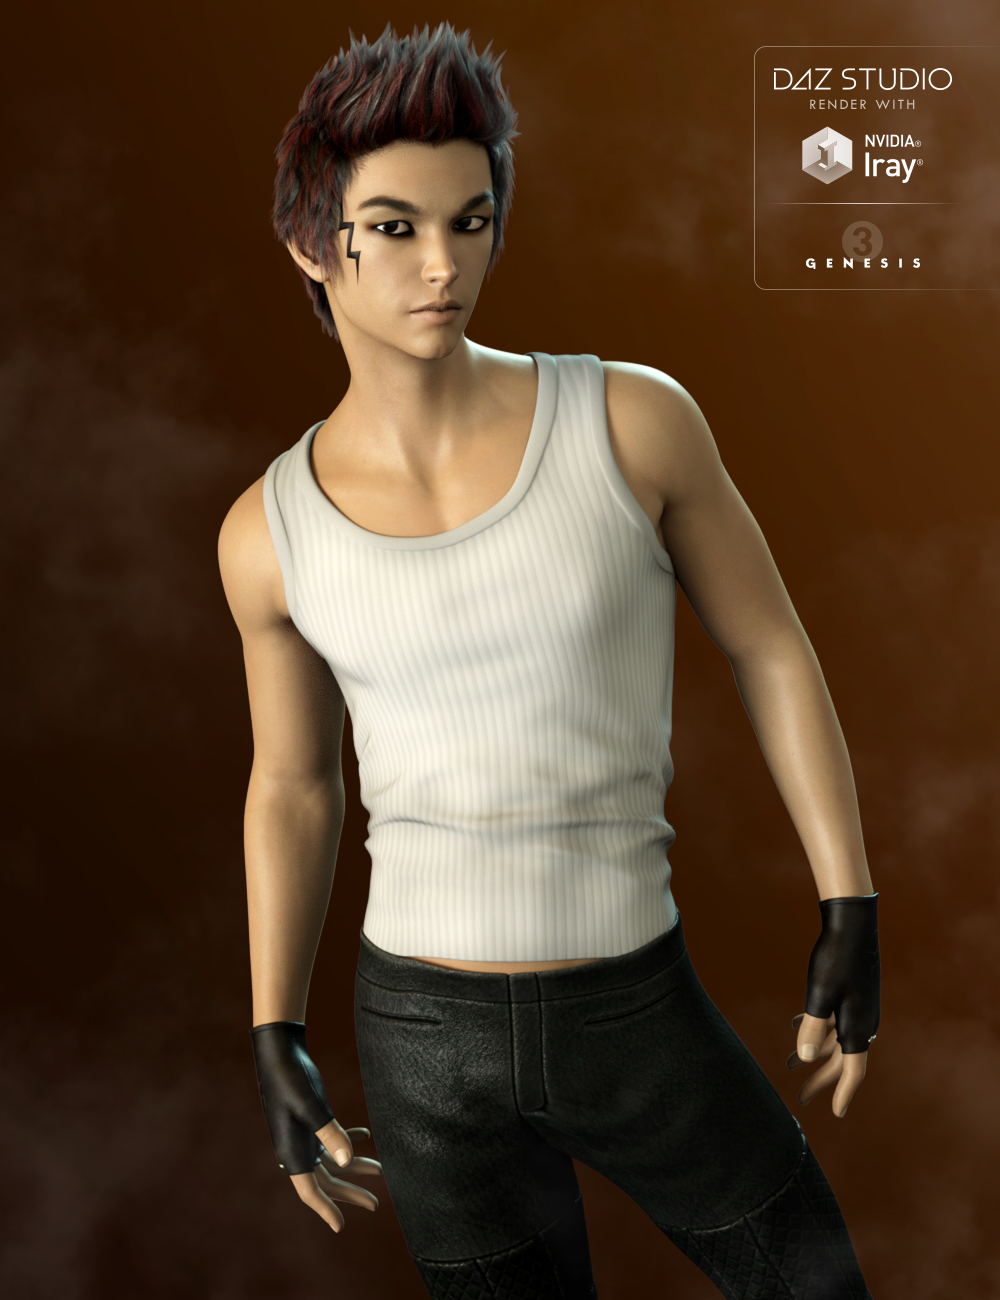 FWSA Fujio HD for Kenji 7 by: Fred Winkler ArtSabby, 3D Models by Daz 3D